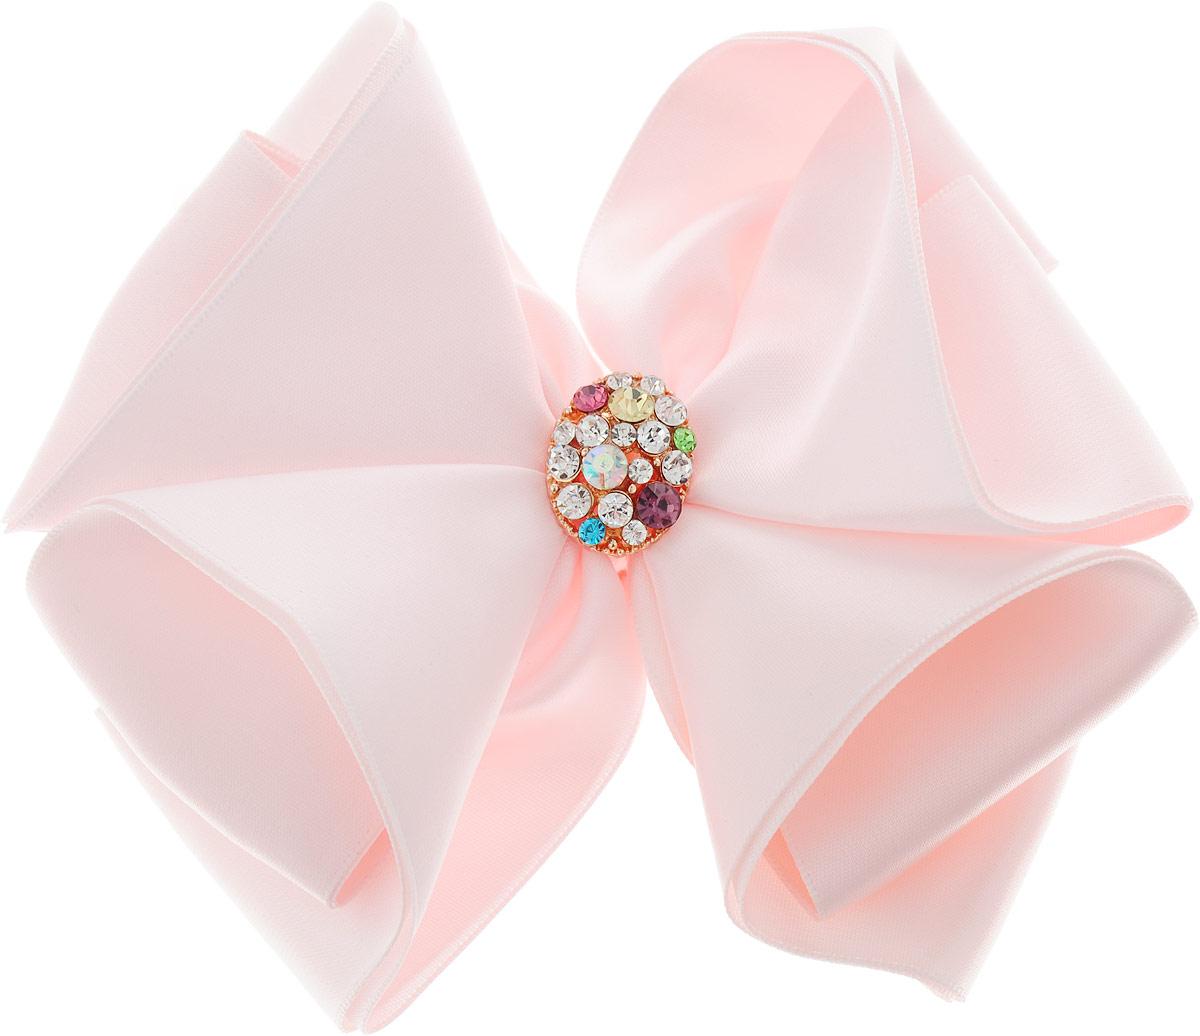 Baby's Joy Бант для волос Праздничный с бусинами MN 8_светло-розовый baby s joy резинка для волос цвет шампань 2 шт mn 205 2